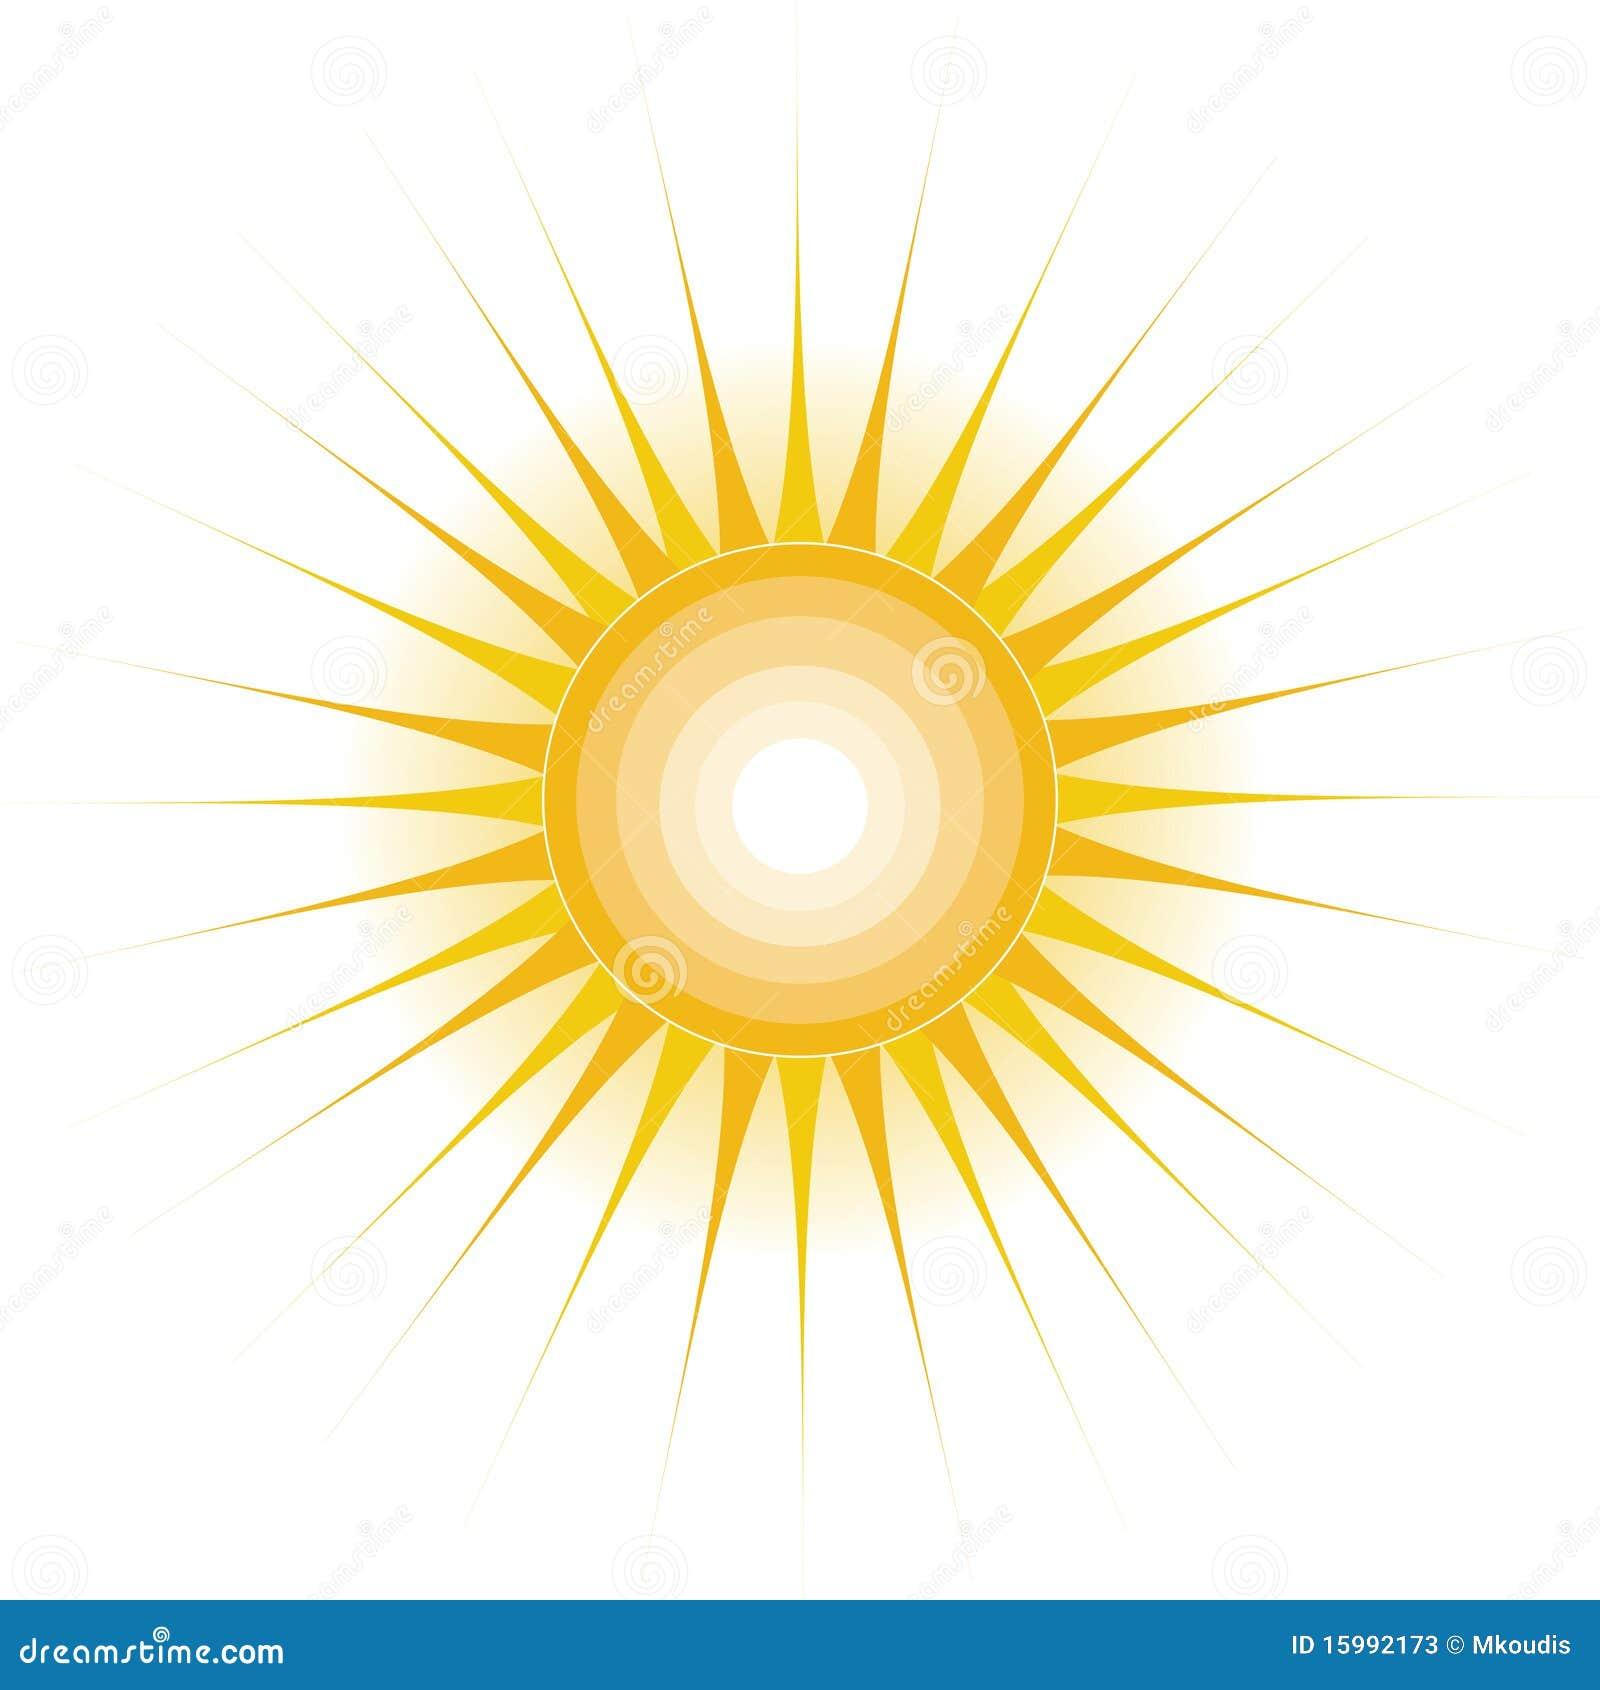 Sun Design Images Sun Design Stoc...